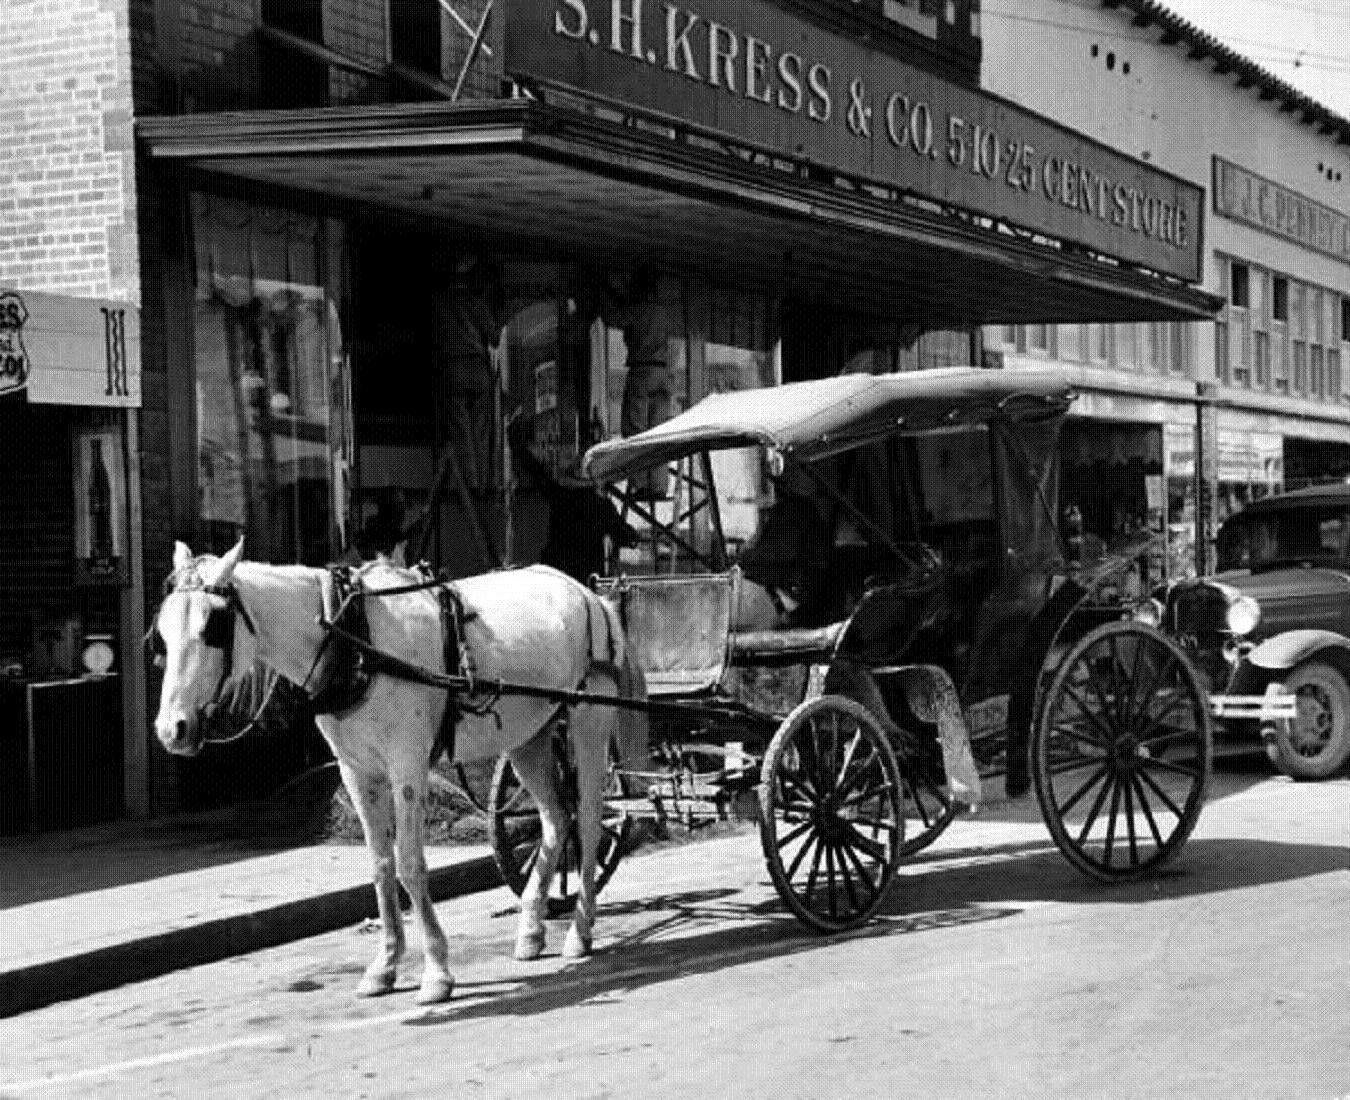 Eagle Pass, Texas, USA, 1939. Carl Mydans. Eagle pass